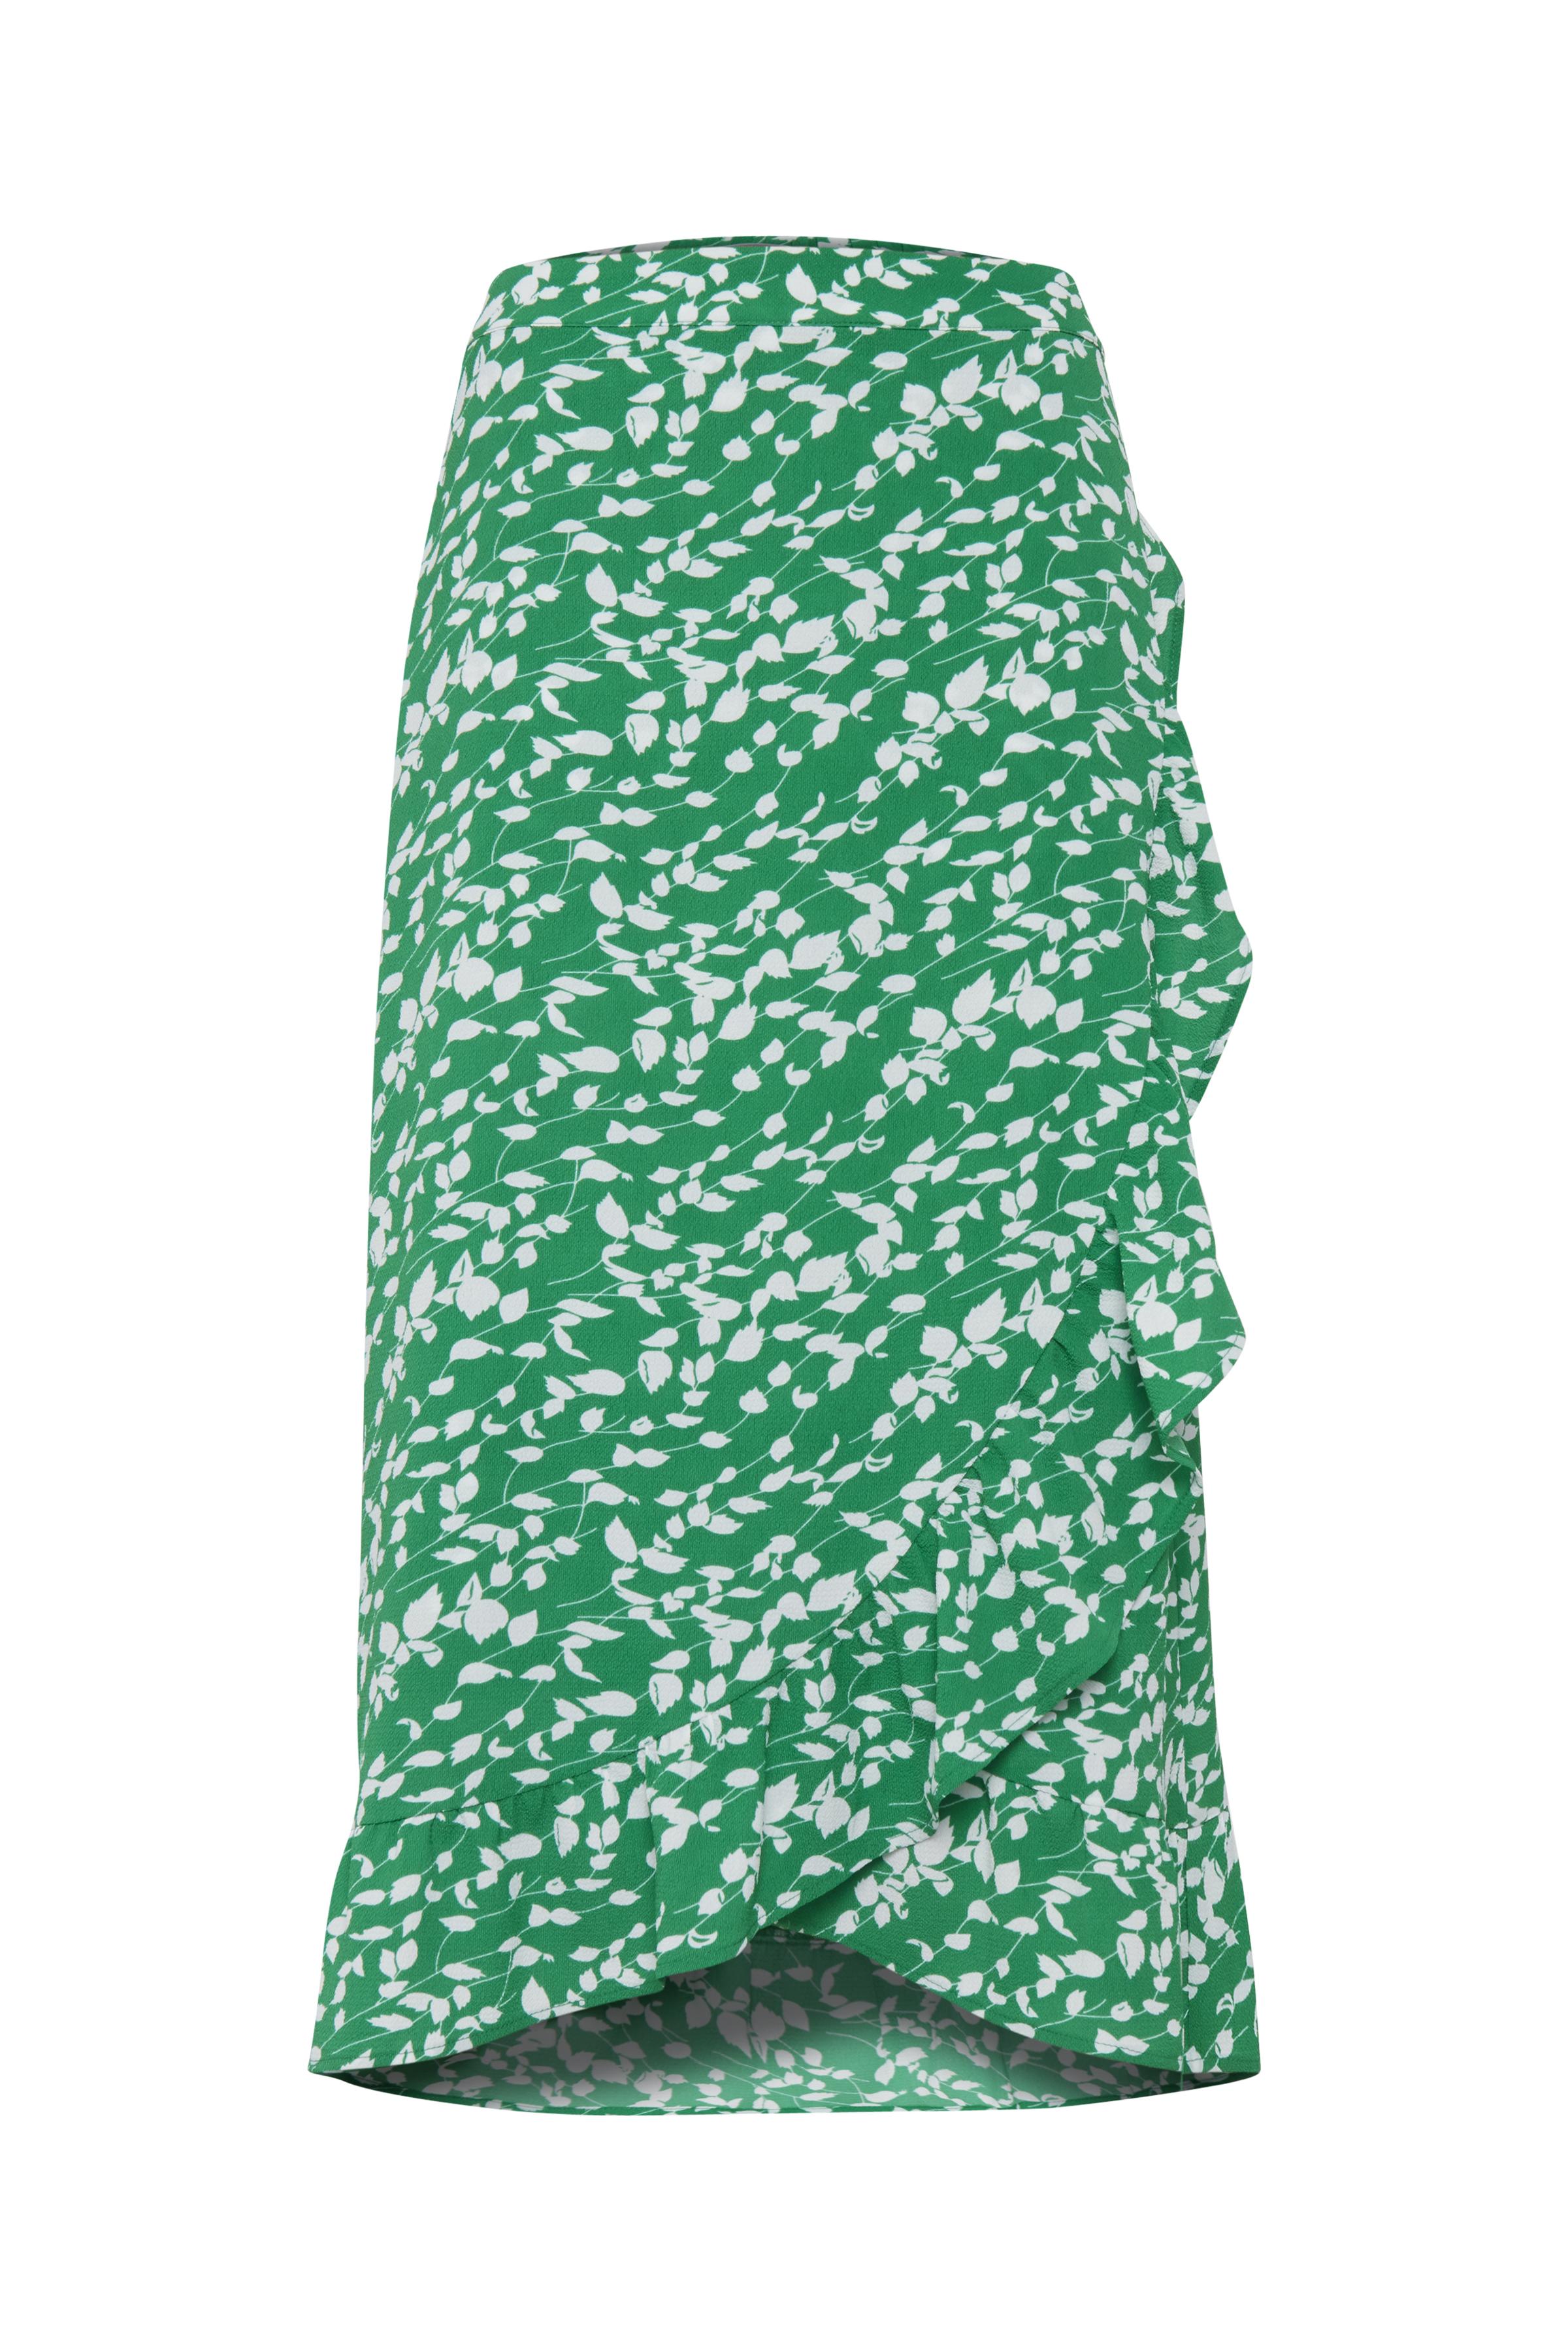 Jolly Green mix